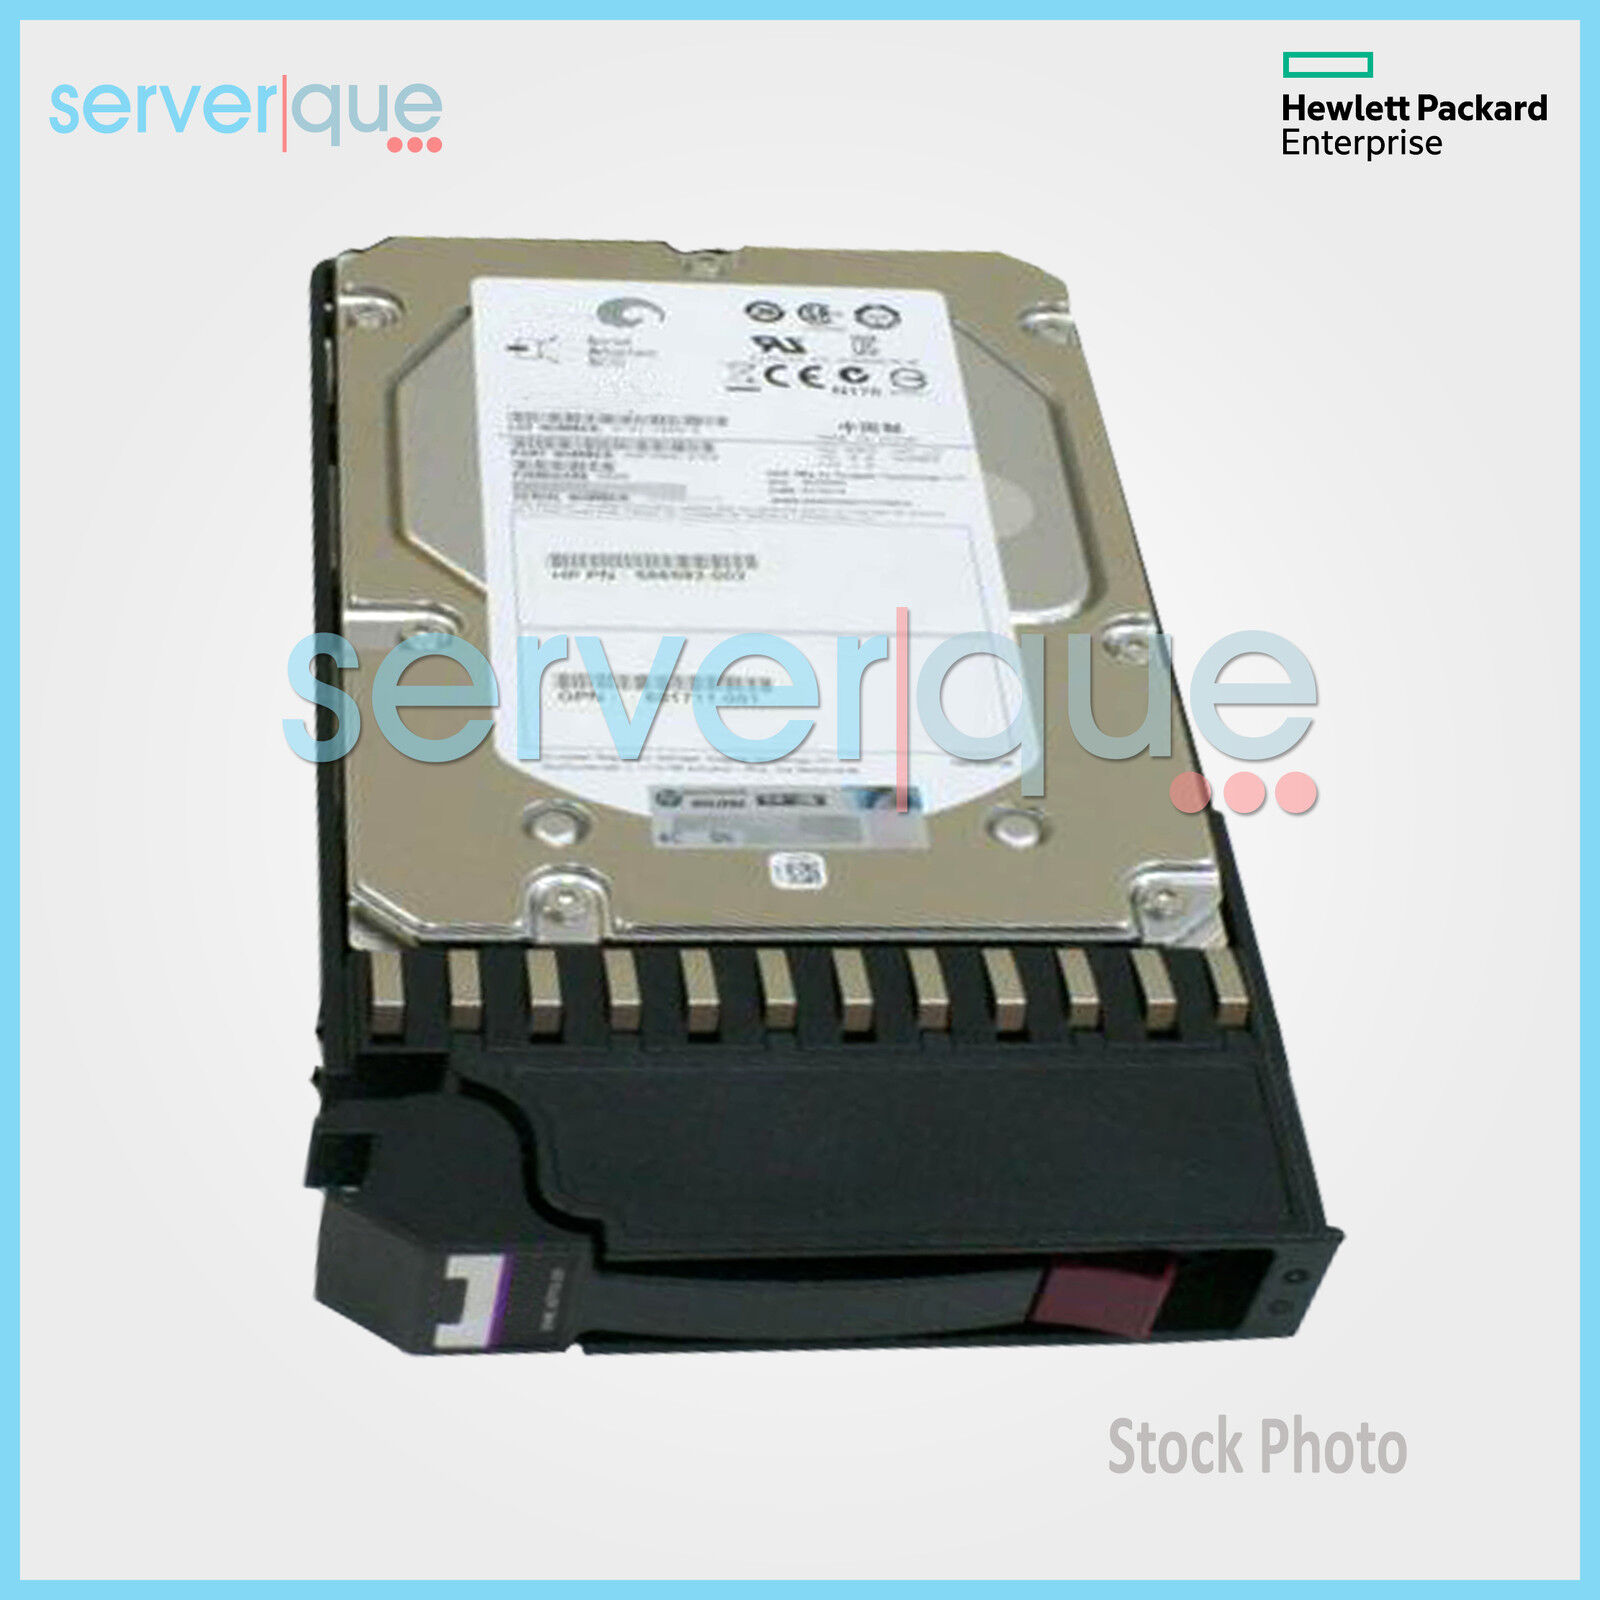 HPE MSA 600GB 12G 15K LFF SAS Enterprise Hard Drive J9V70A 787656-001